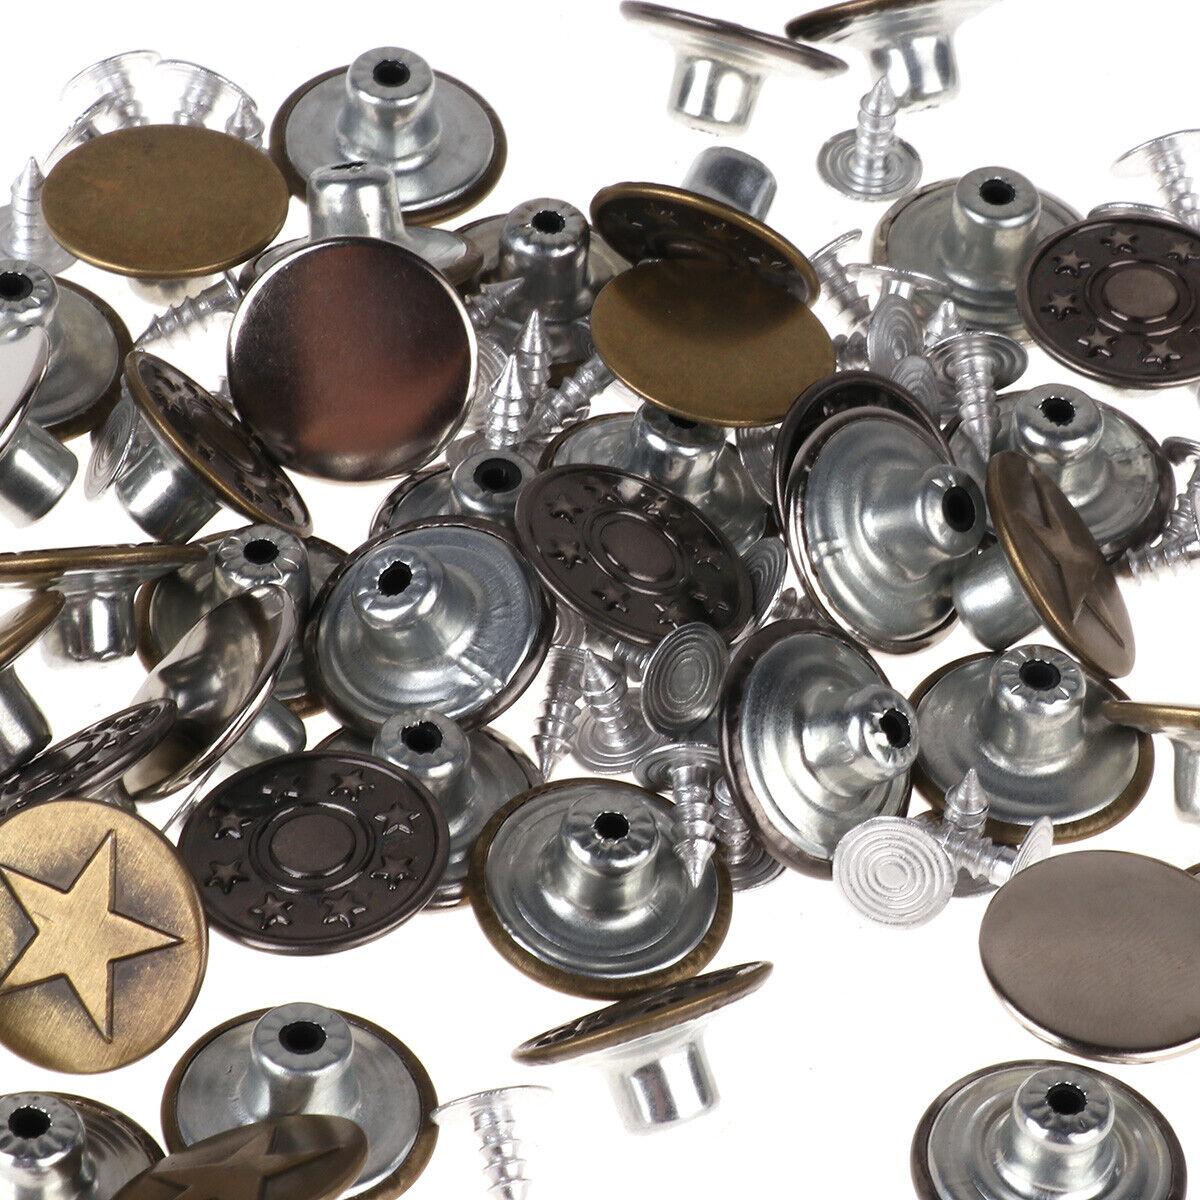 40 Juego de ropa de metal botón Instantáneo + Repuesto De Remaches Clavos Jeans Camisas De Reparación